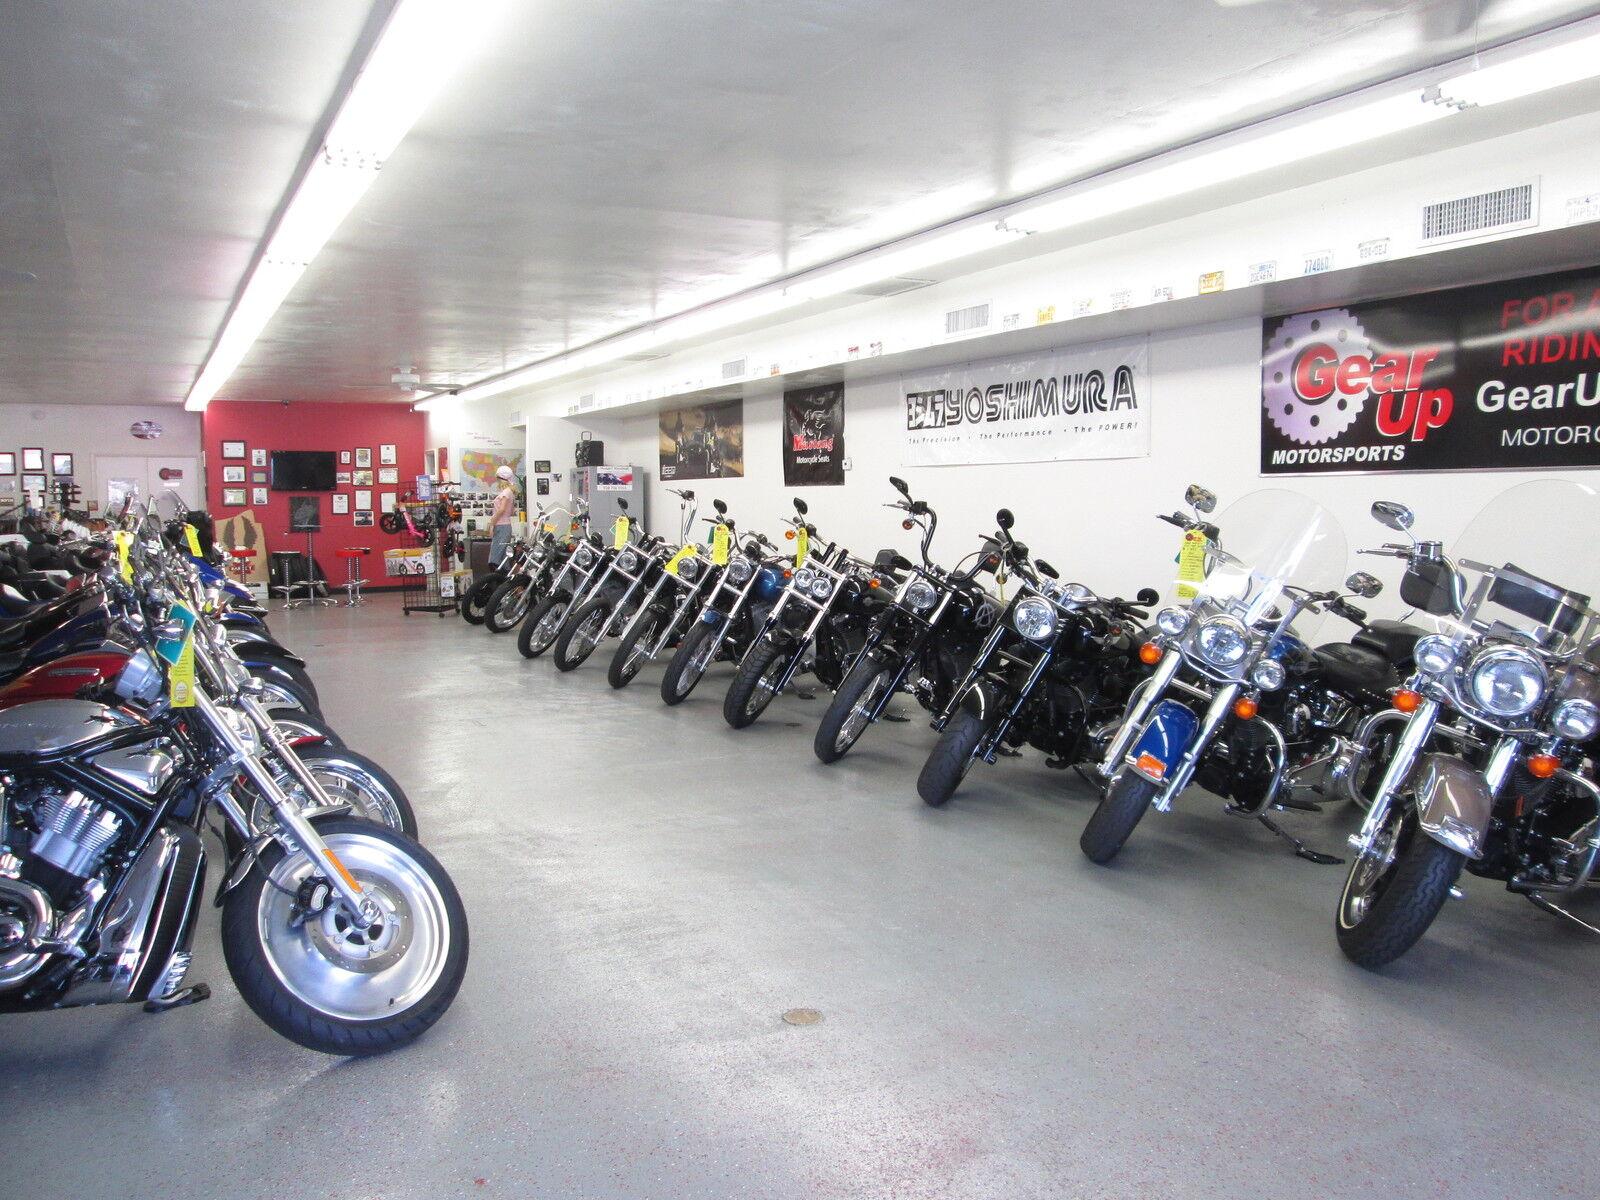 GEAR UP MOTORSPORTS